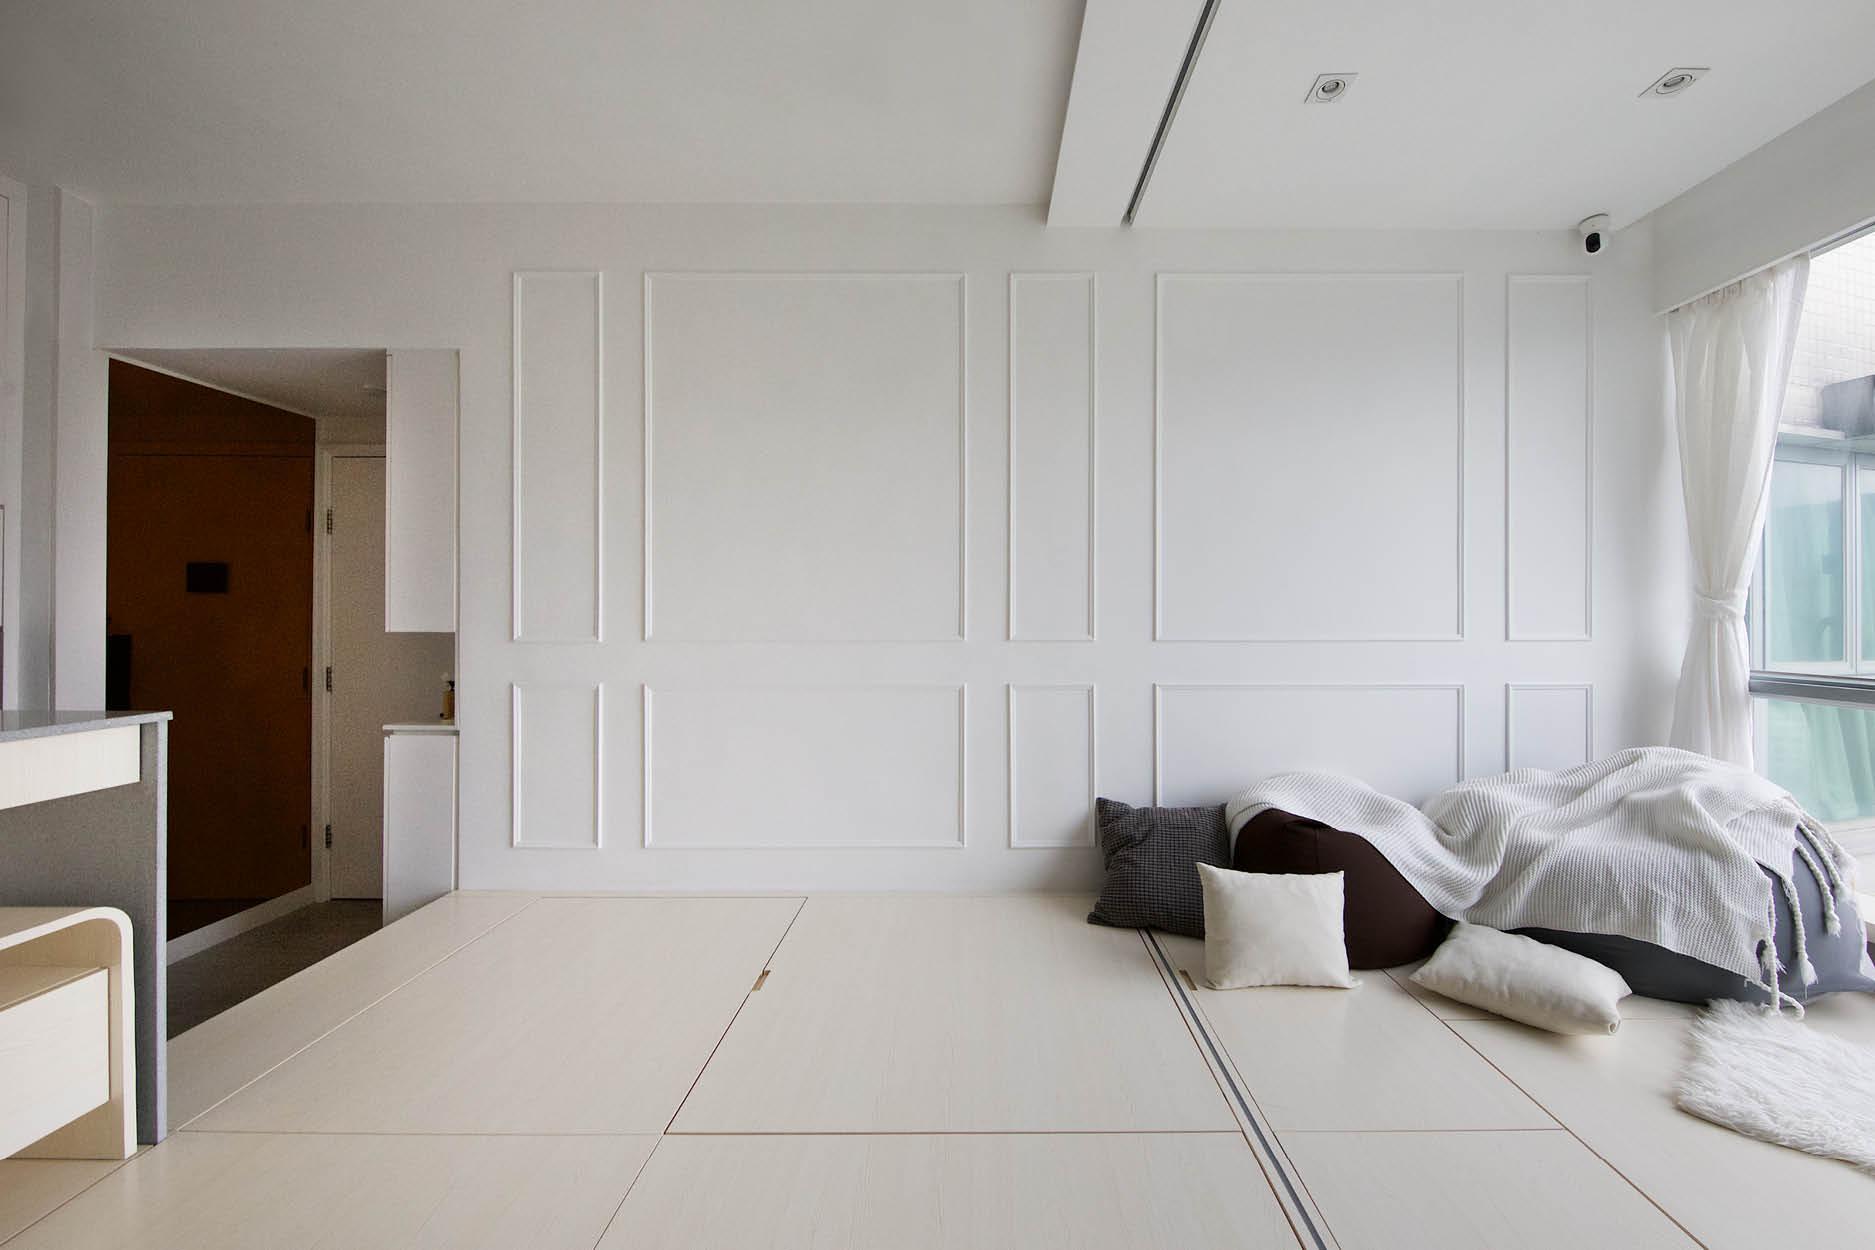 Căn hộ 45m² với mẹo bố trí hợp phong thủy giúp không gian thêm vượng khí, vợ chồng thêm thuận hòa  - Ảnh 8.